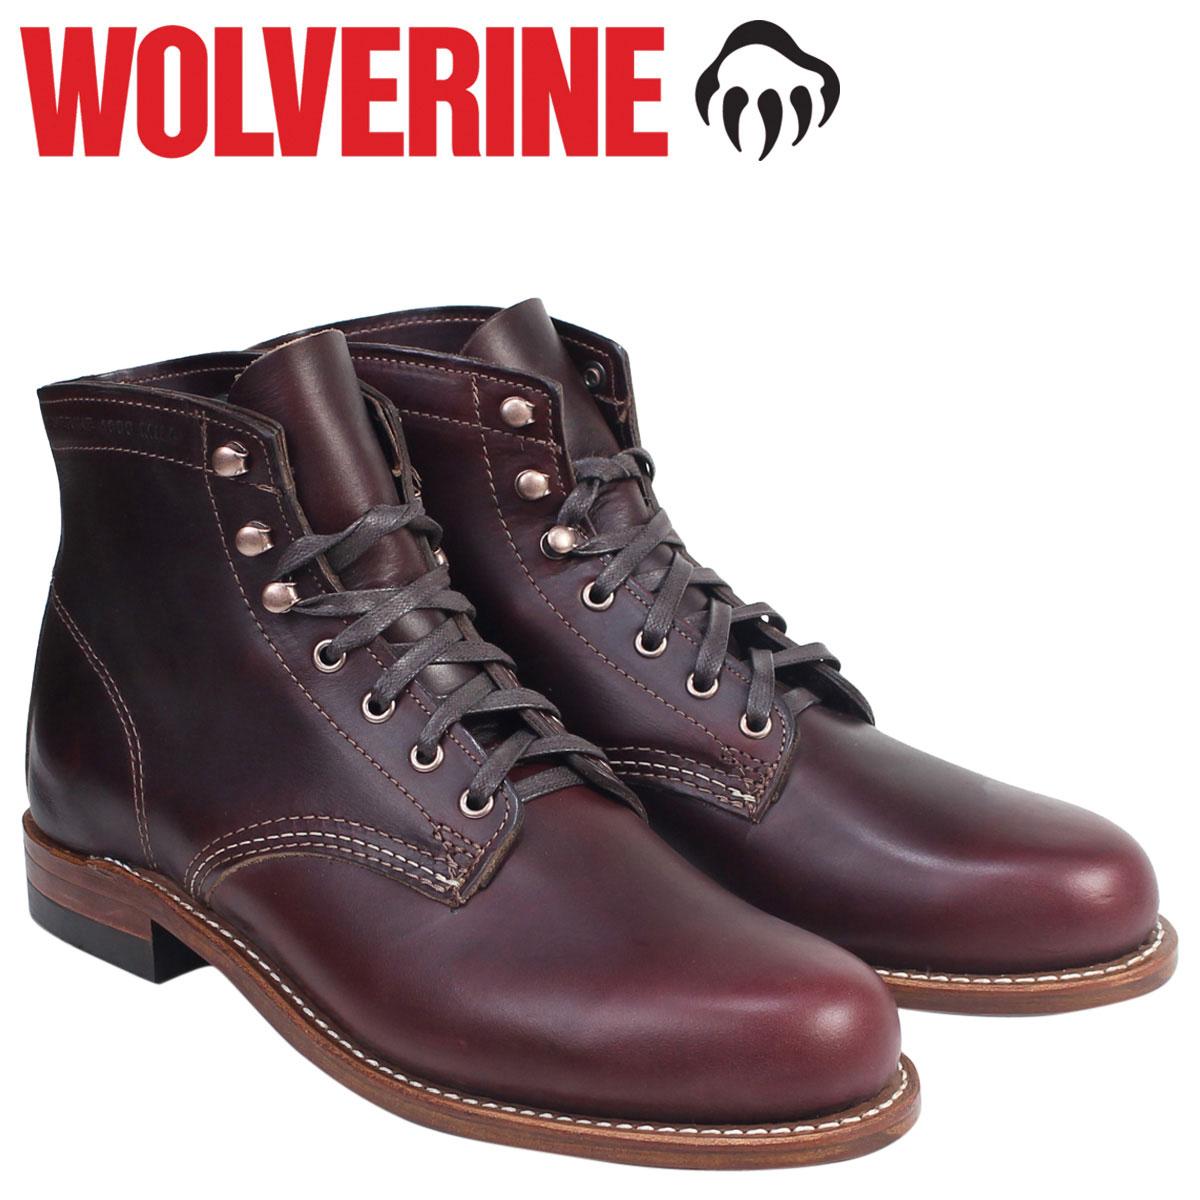 ウルヴァリン 1000マイル ブーツ WOLVERINE 1000MILE ワークブーツ BOOT NO 8 W00137 コードバン メンズ